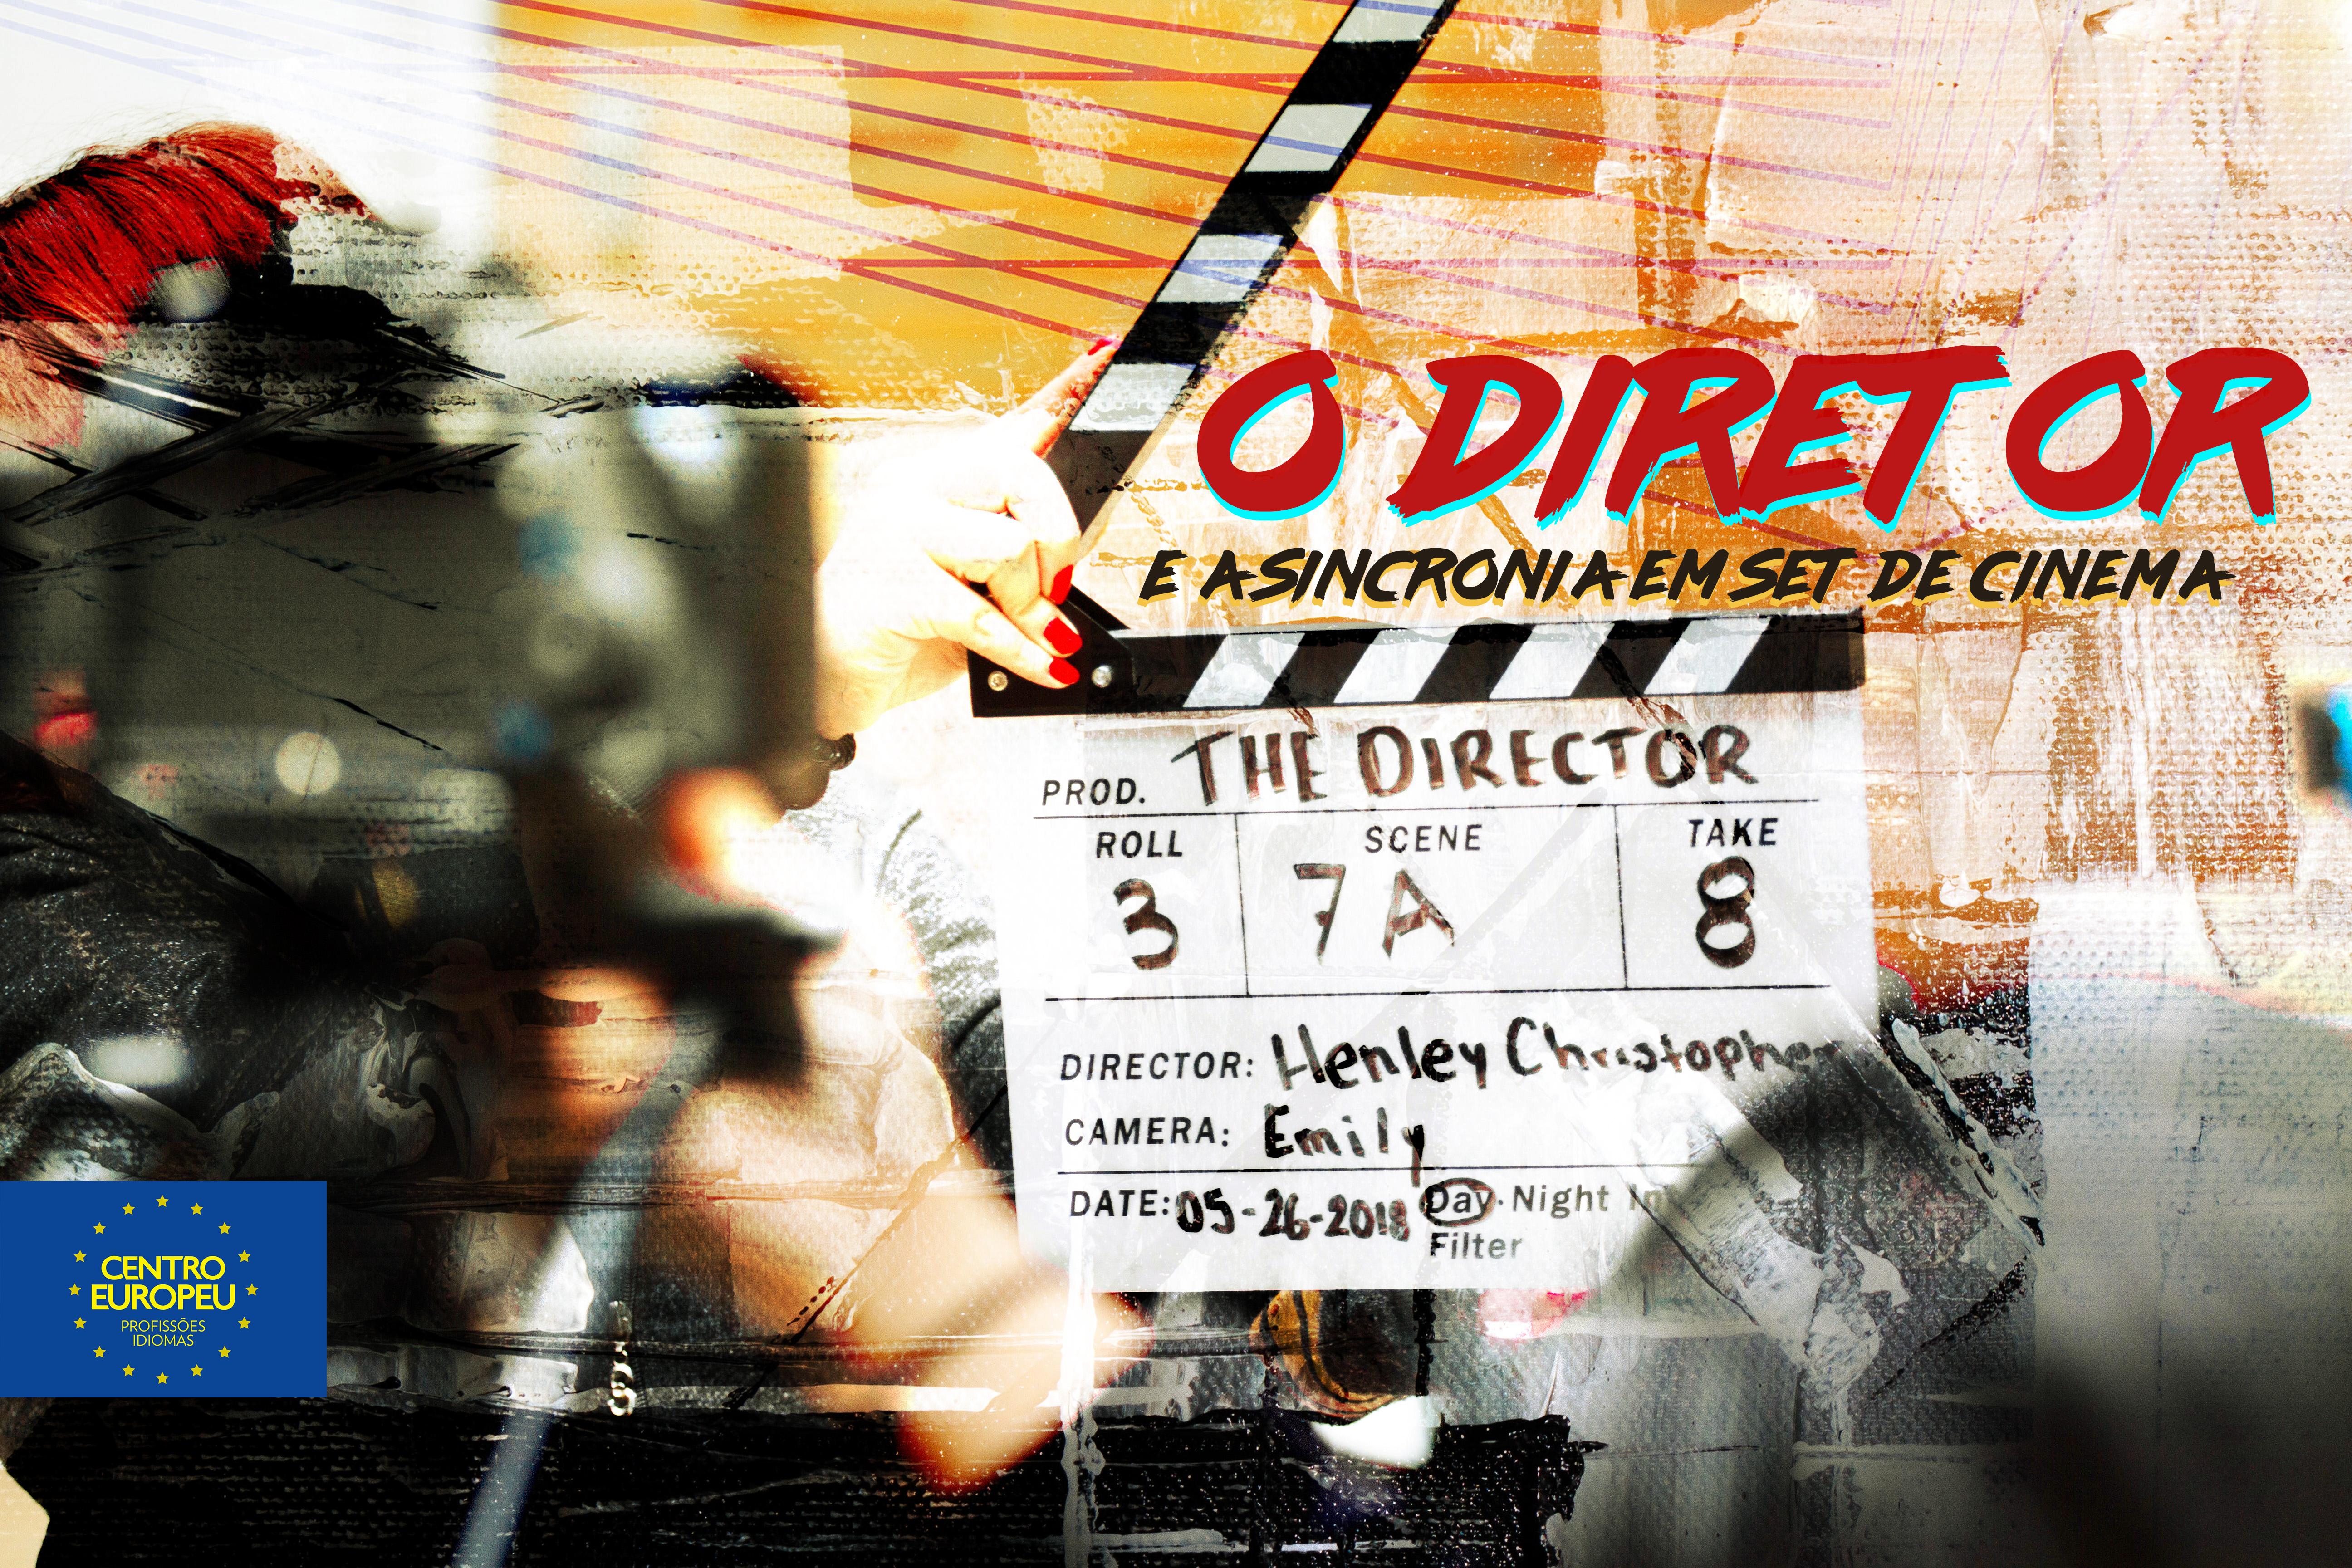 o-diretor-e-a-sincronia-em-set-de-cinema